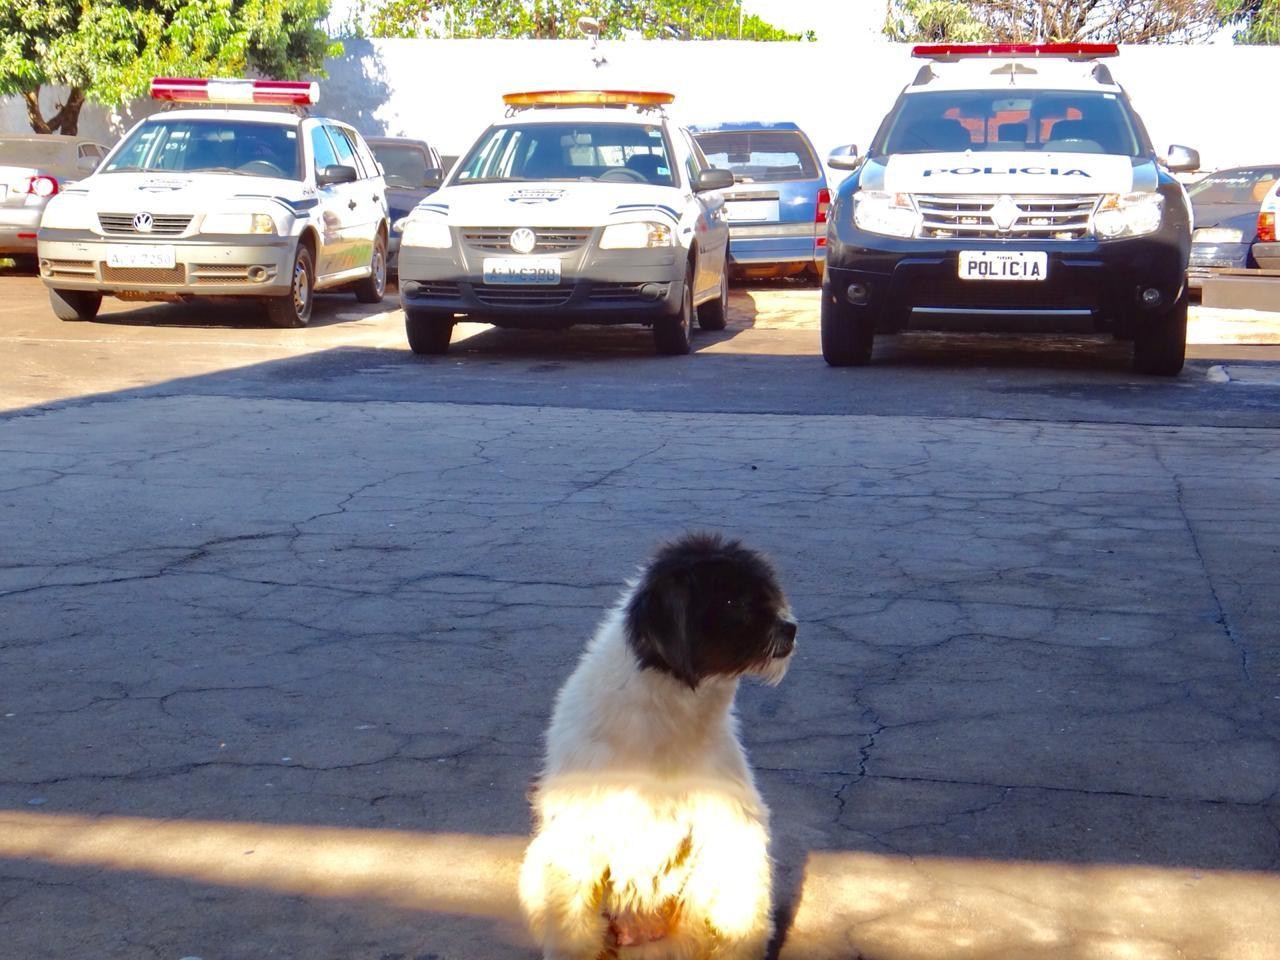 Cachorro espera em pátio de delegacia por dono preso, no interior do Paraná